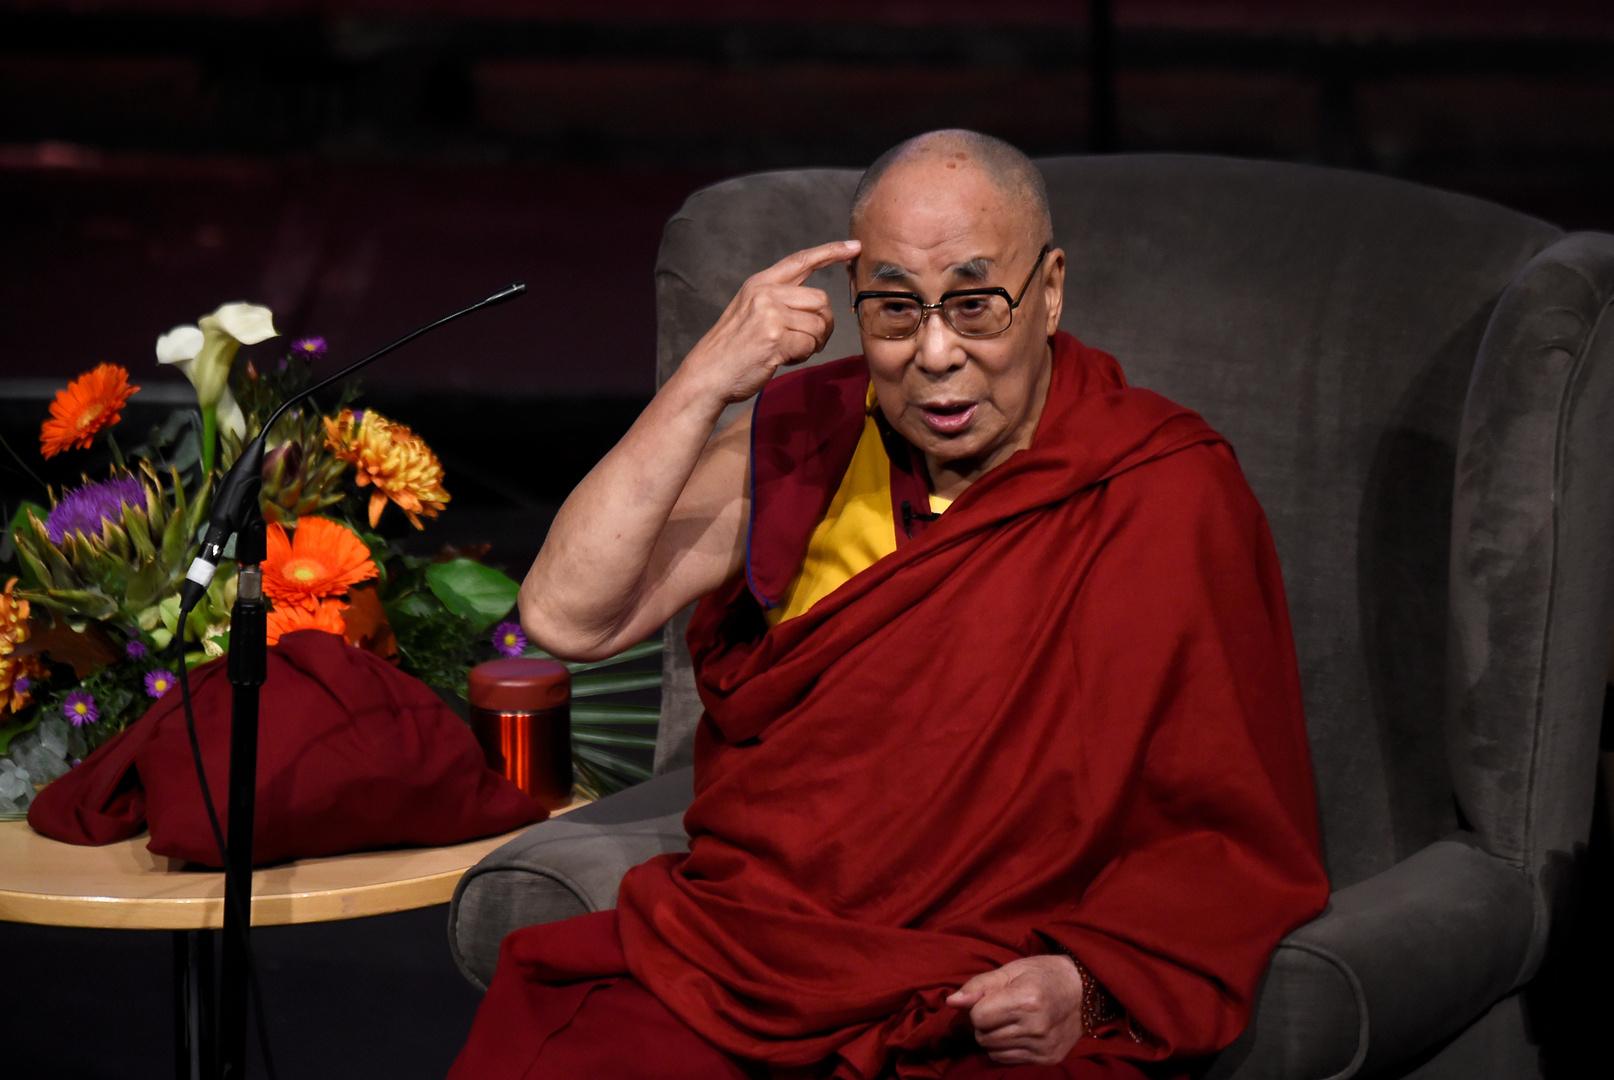 دالاي لاما يعلق على وباء كورونا ومصير 7 مليارات نسمة